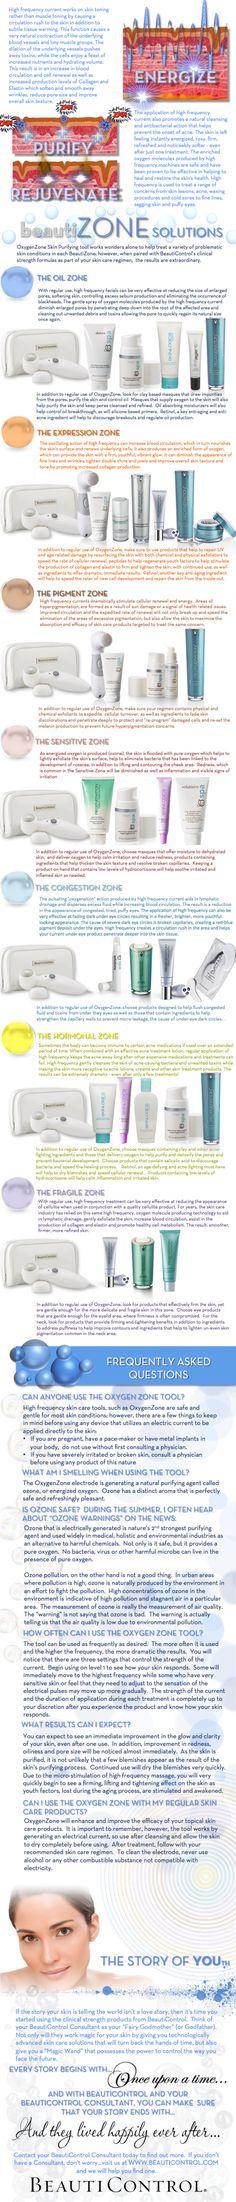 #BeautiControl OxygenZone Skin Purifying Tool